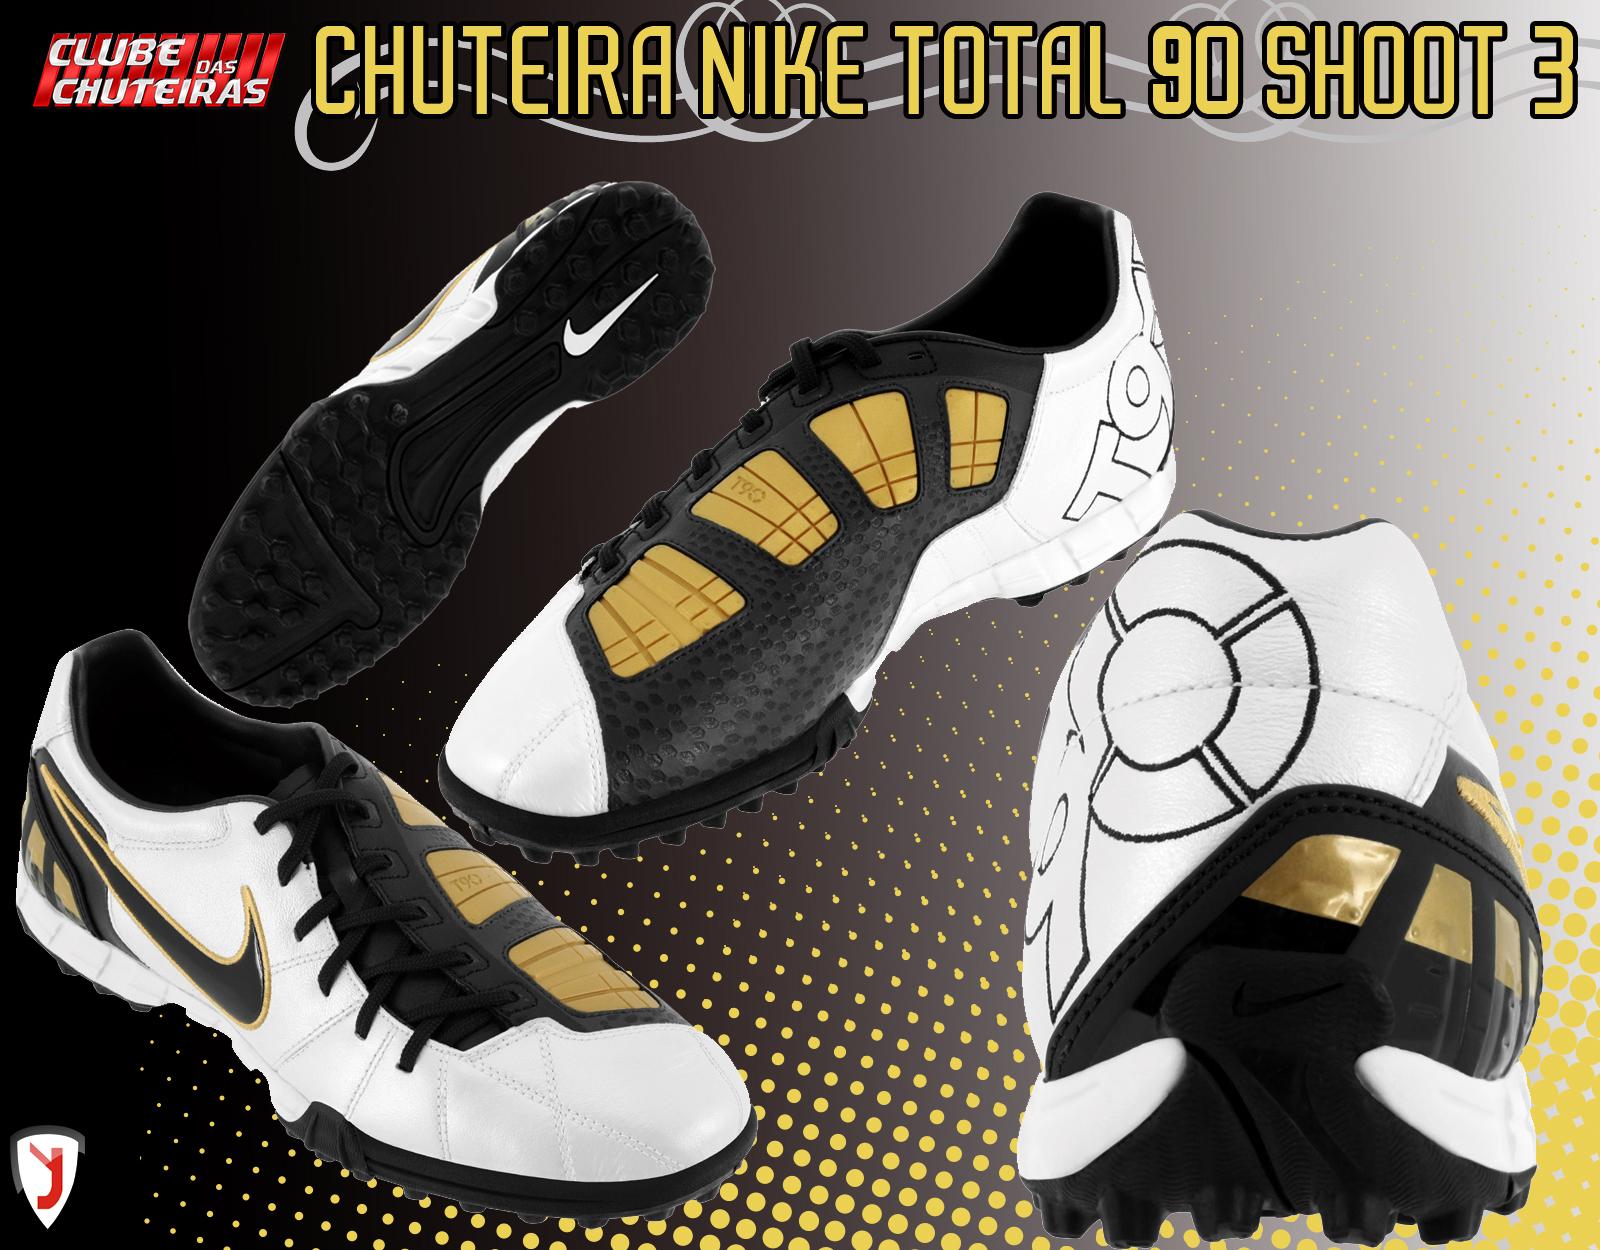 Chuteira Nike Total 90 Shoot 3 TF – Branco Preto e Dourado - Clube ... 492dd429904fe